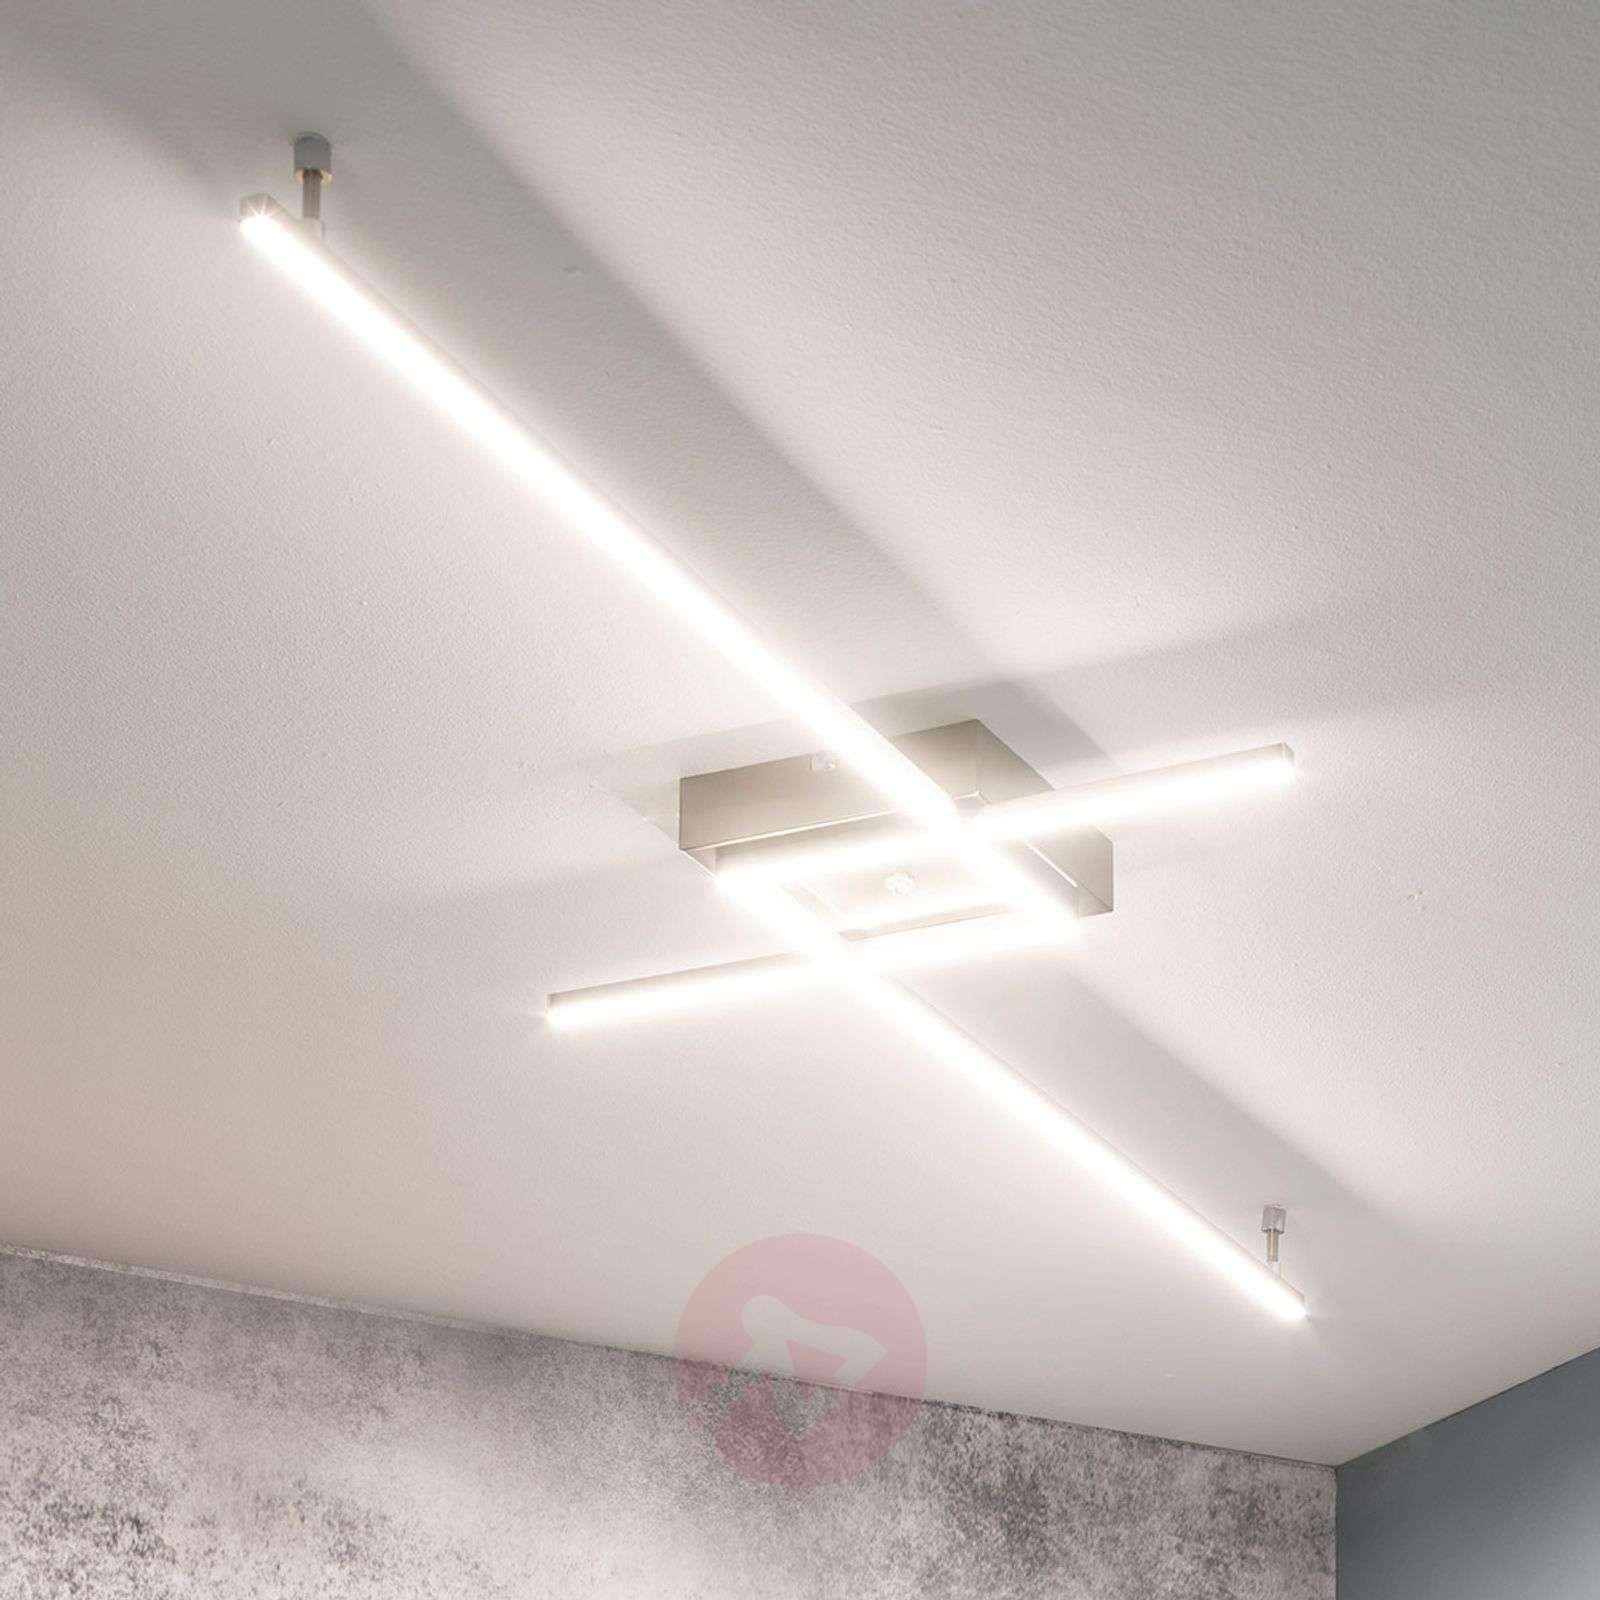 Keki LED-kattovalaisin kaukosäätimellä-7620043-04